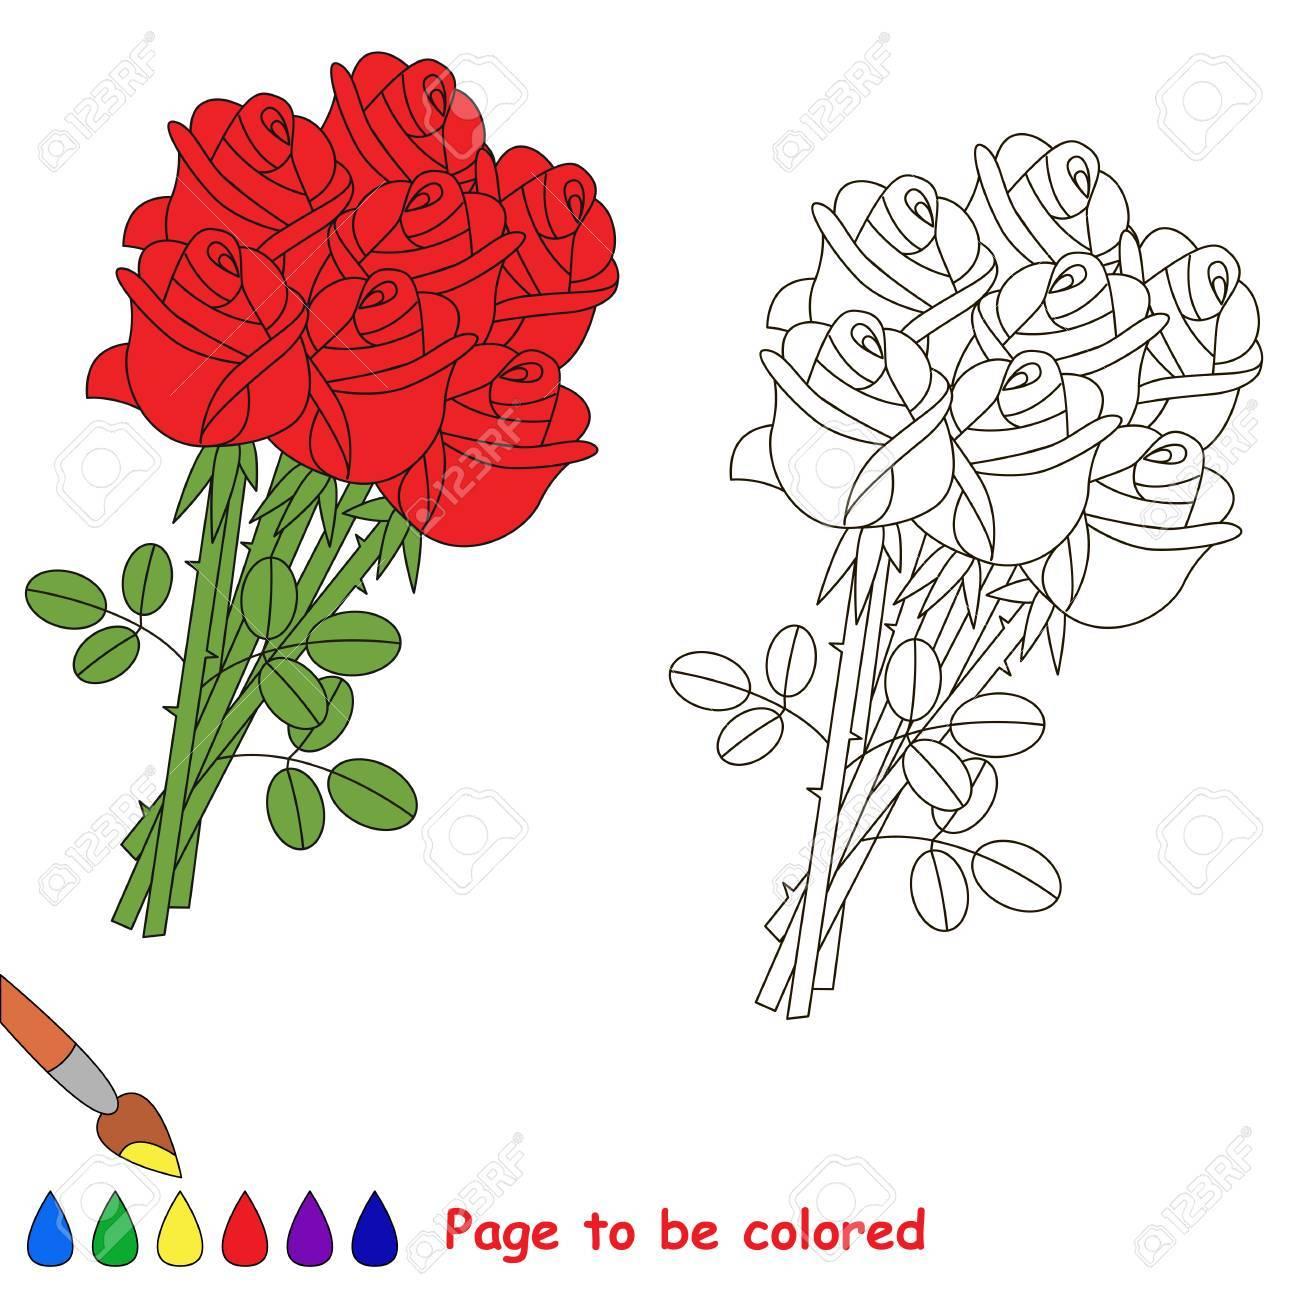 Beau Bouquet De Roses Rouges A Colorier Le Livre De Coloriage Pour Les Enfants D Age Prescolaire Avec Un Niveau De Jeu Educatif Facile Clip Art Libres De Droits Vecteurs Et Illustration